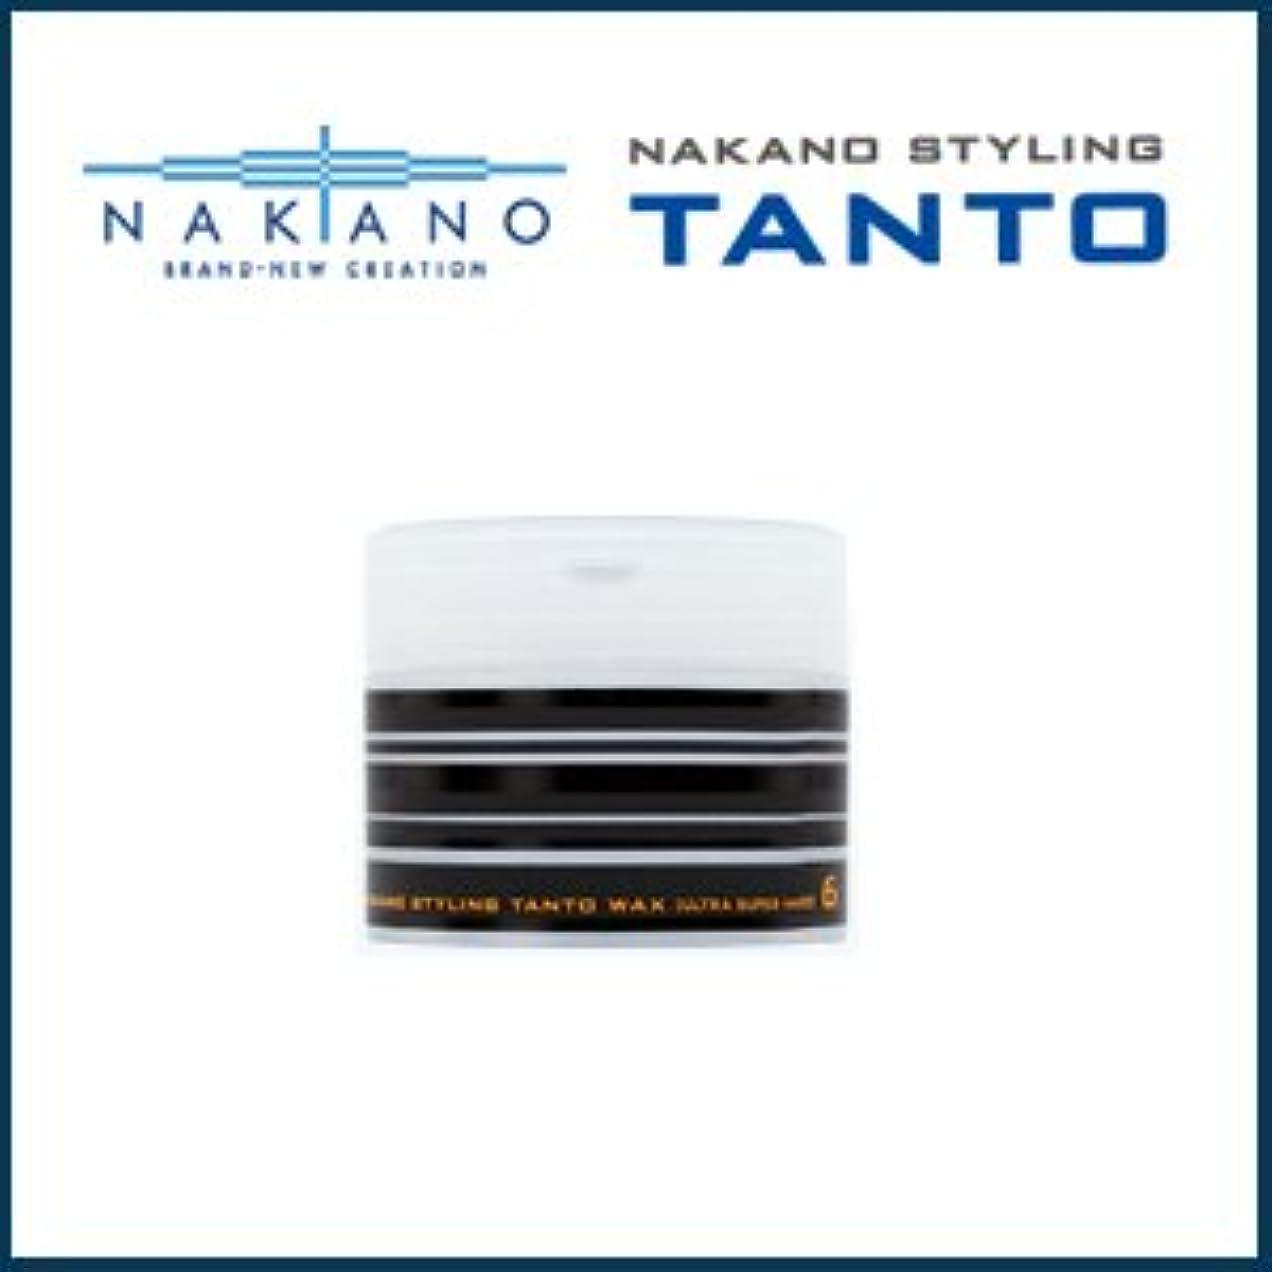 暴行トマト性能【X4個セット】 ナカノ タント Nワックス 6 ウルトラスーパーハード 90g 容器入り